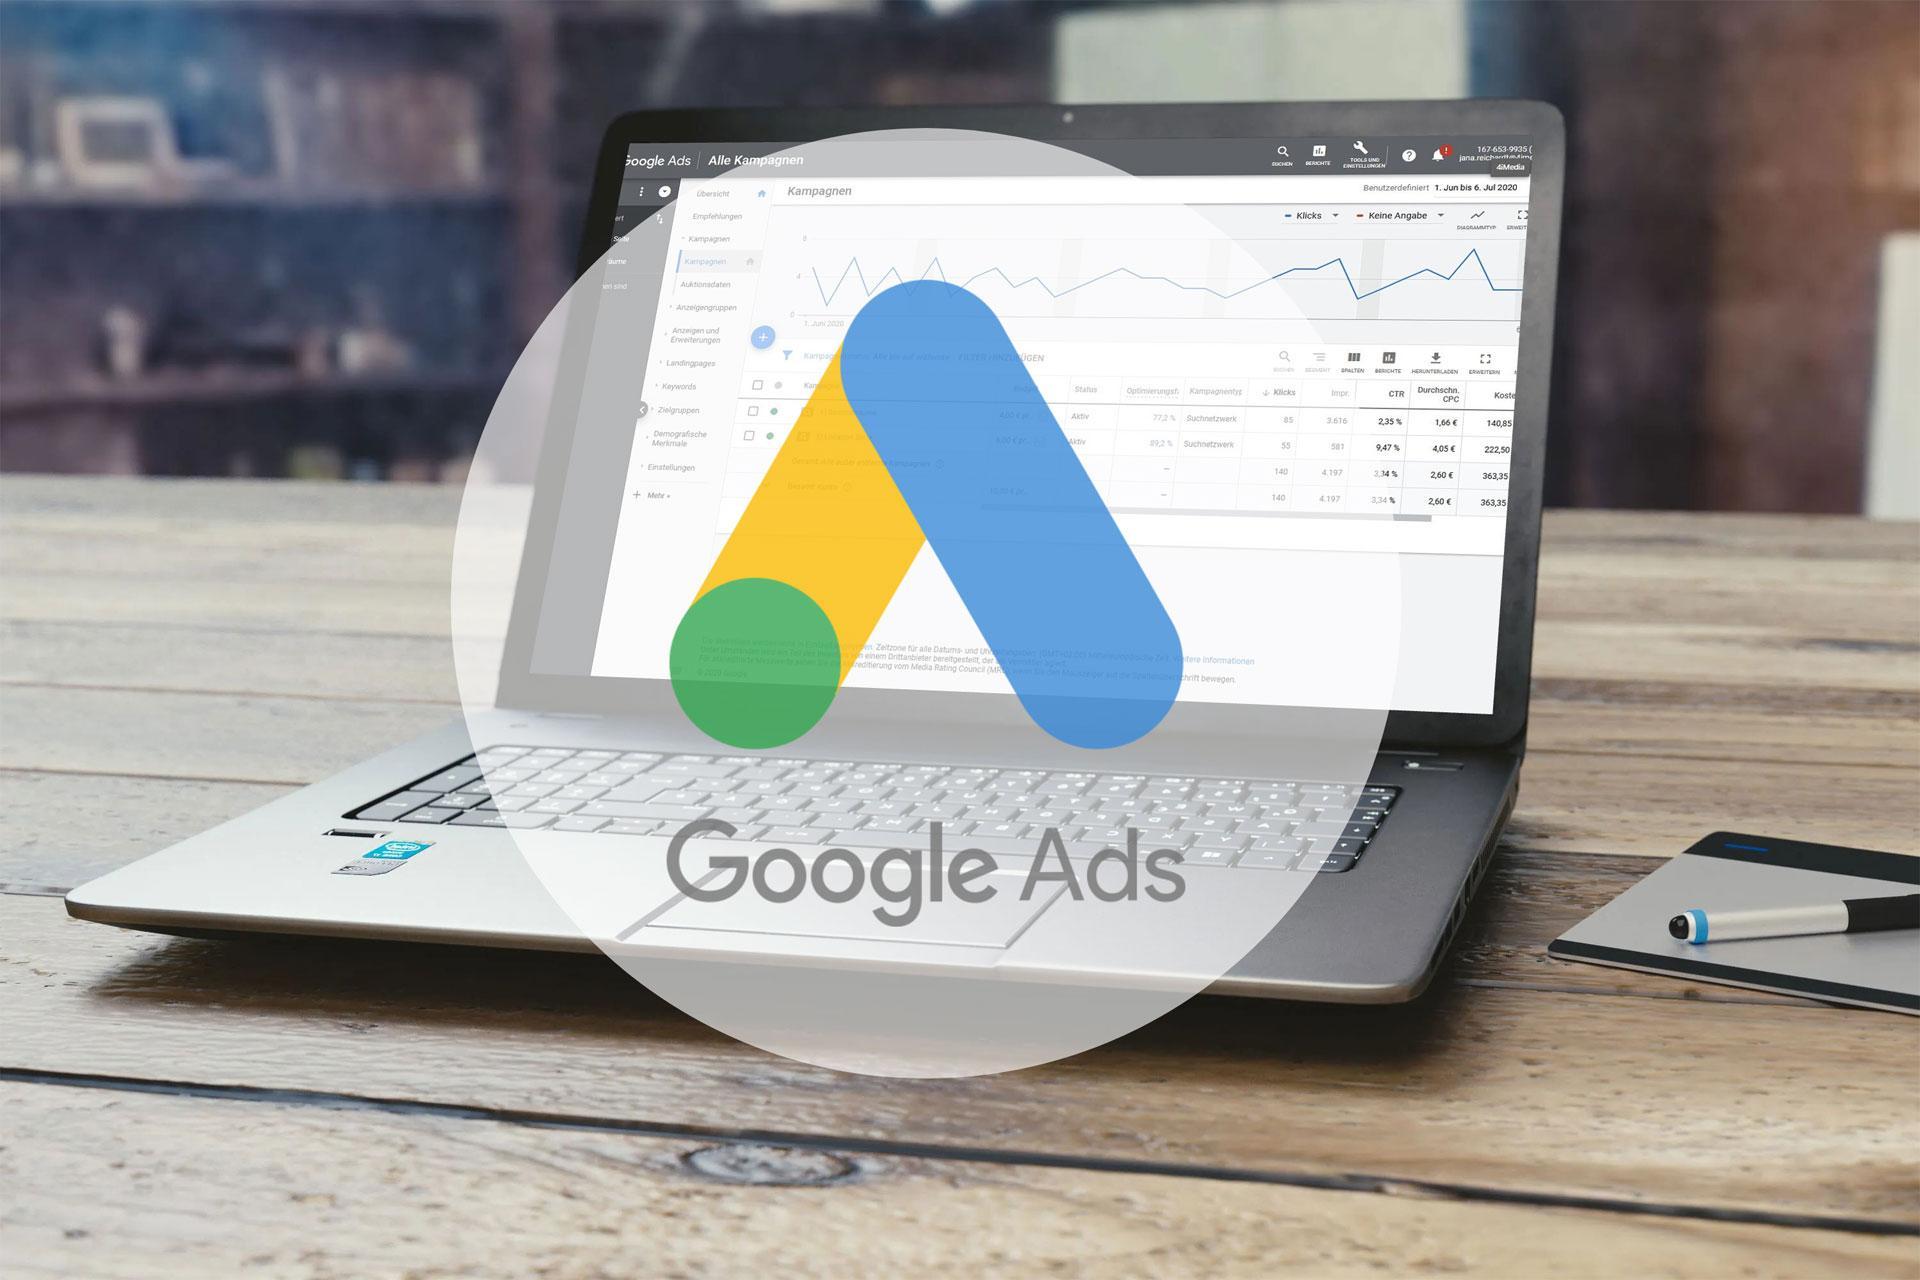 SEM Agentur erstellt effektive Google Ads Kamapgnen